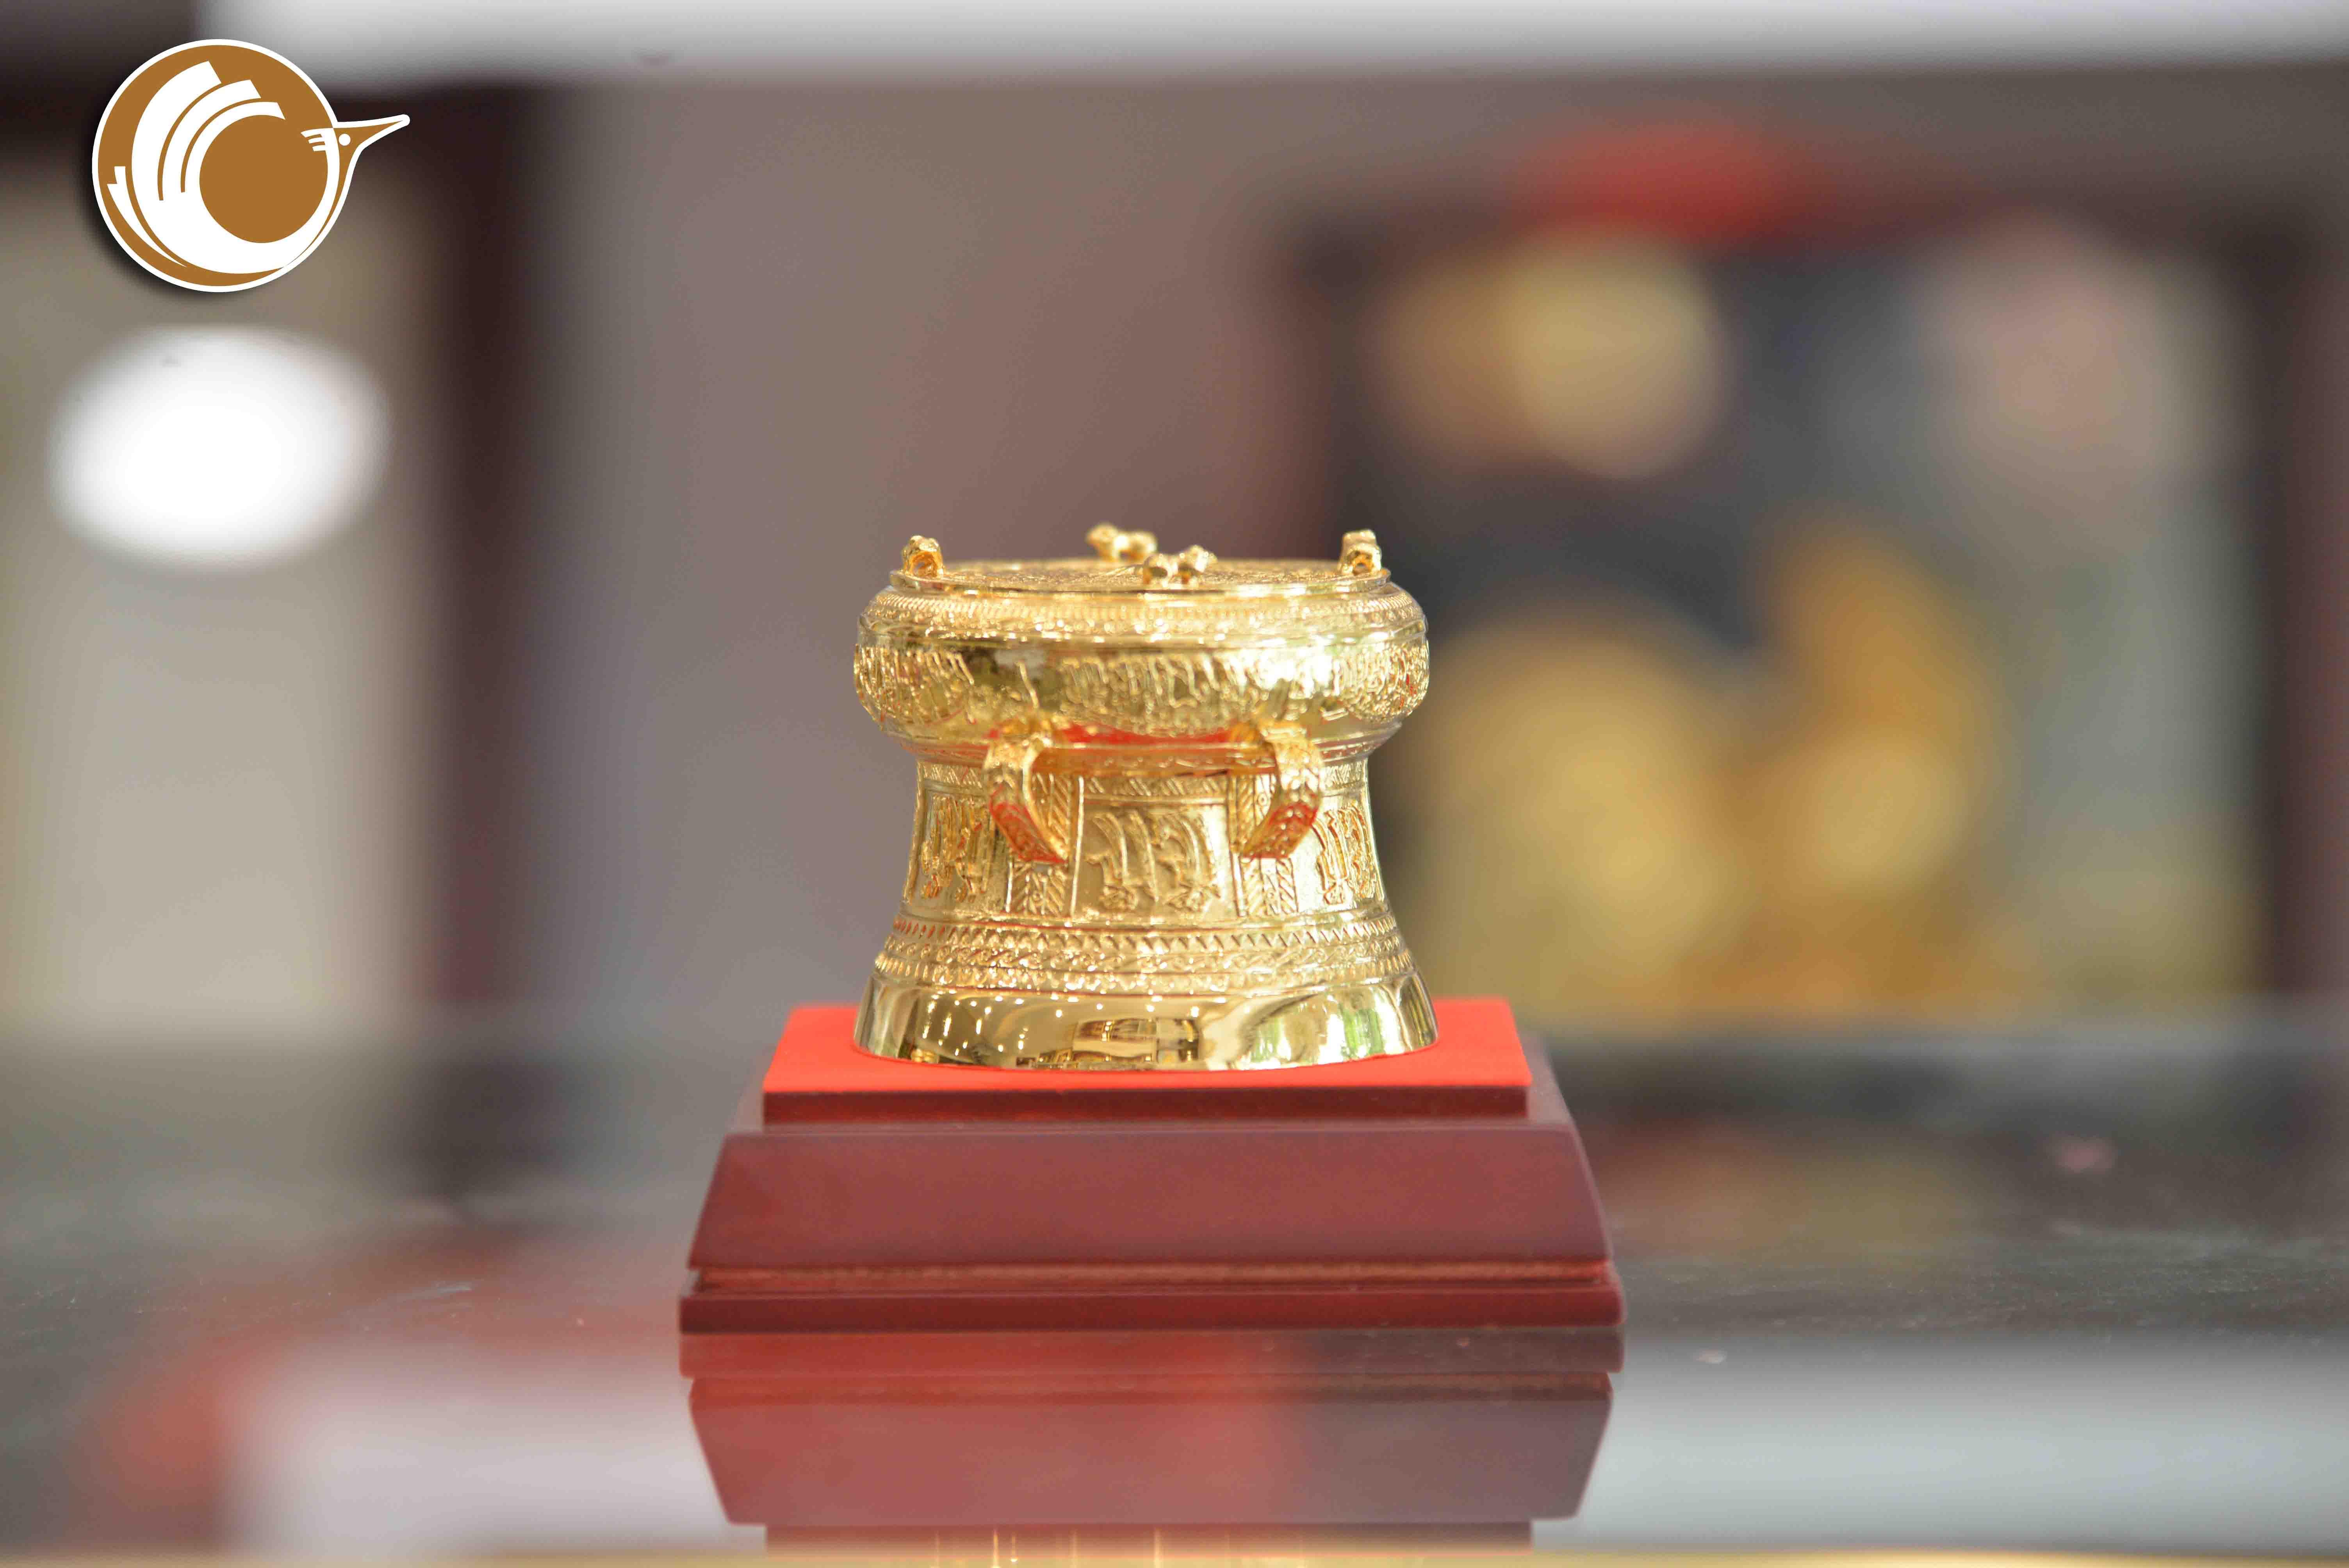 Quà tặng trống đồng mạ vàng đường kính 7cm0